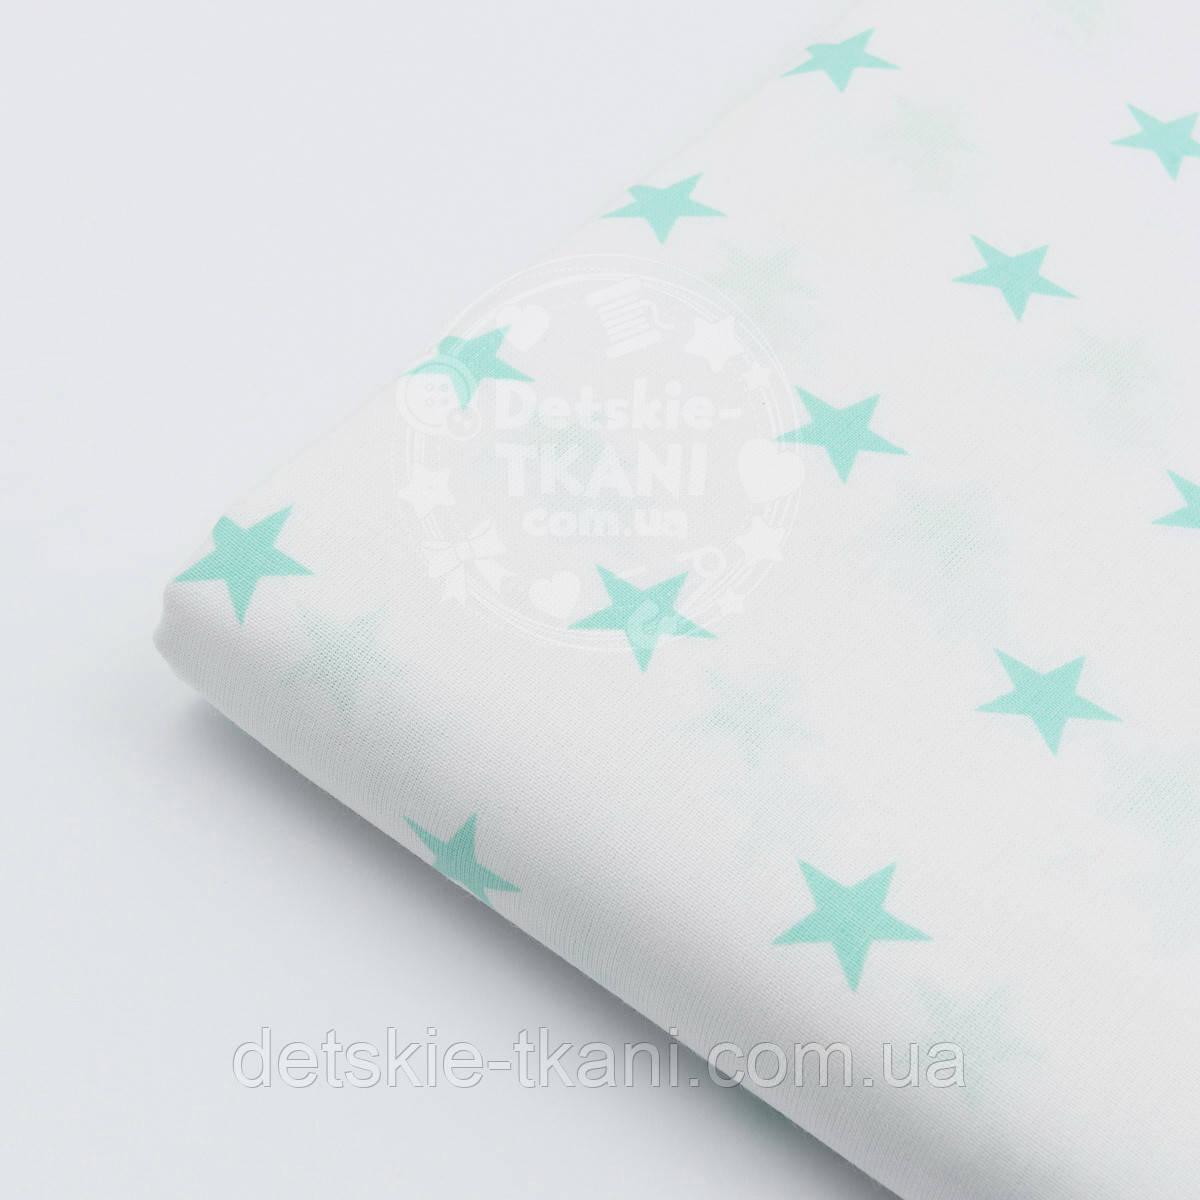 Лоскут ткани №42 мятными звёздами 2 см на белом фоне